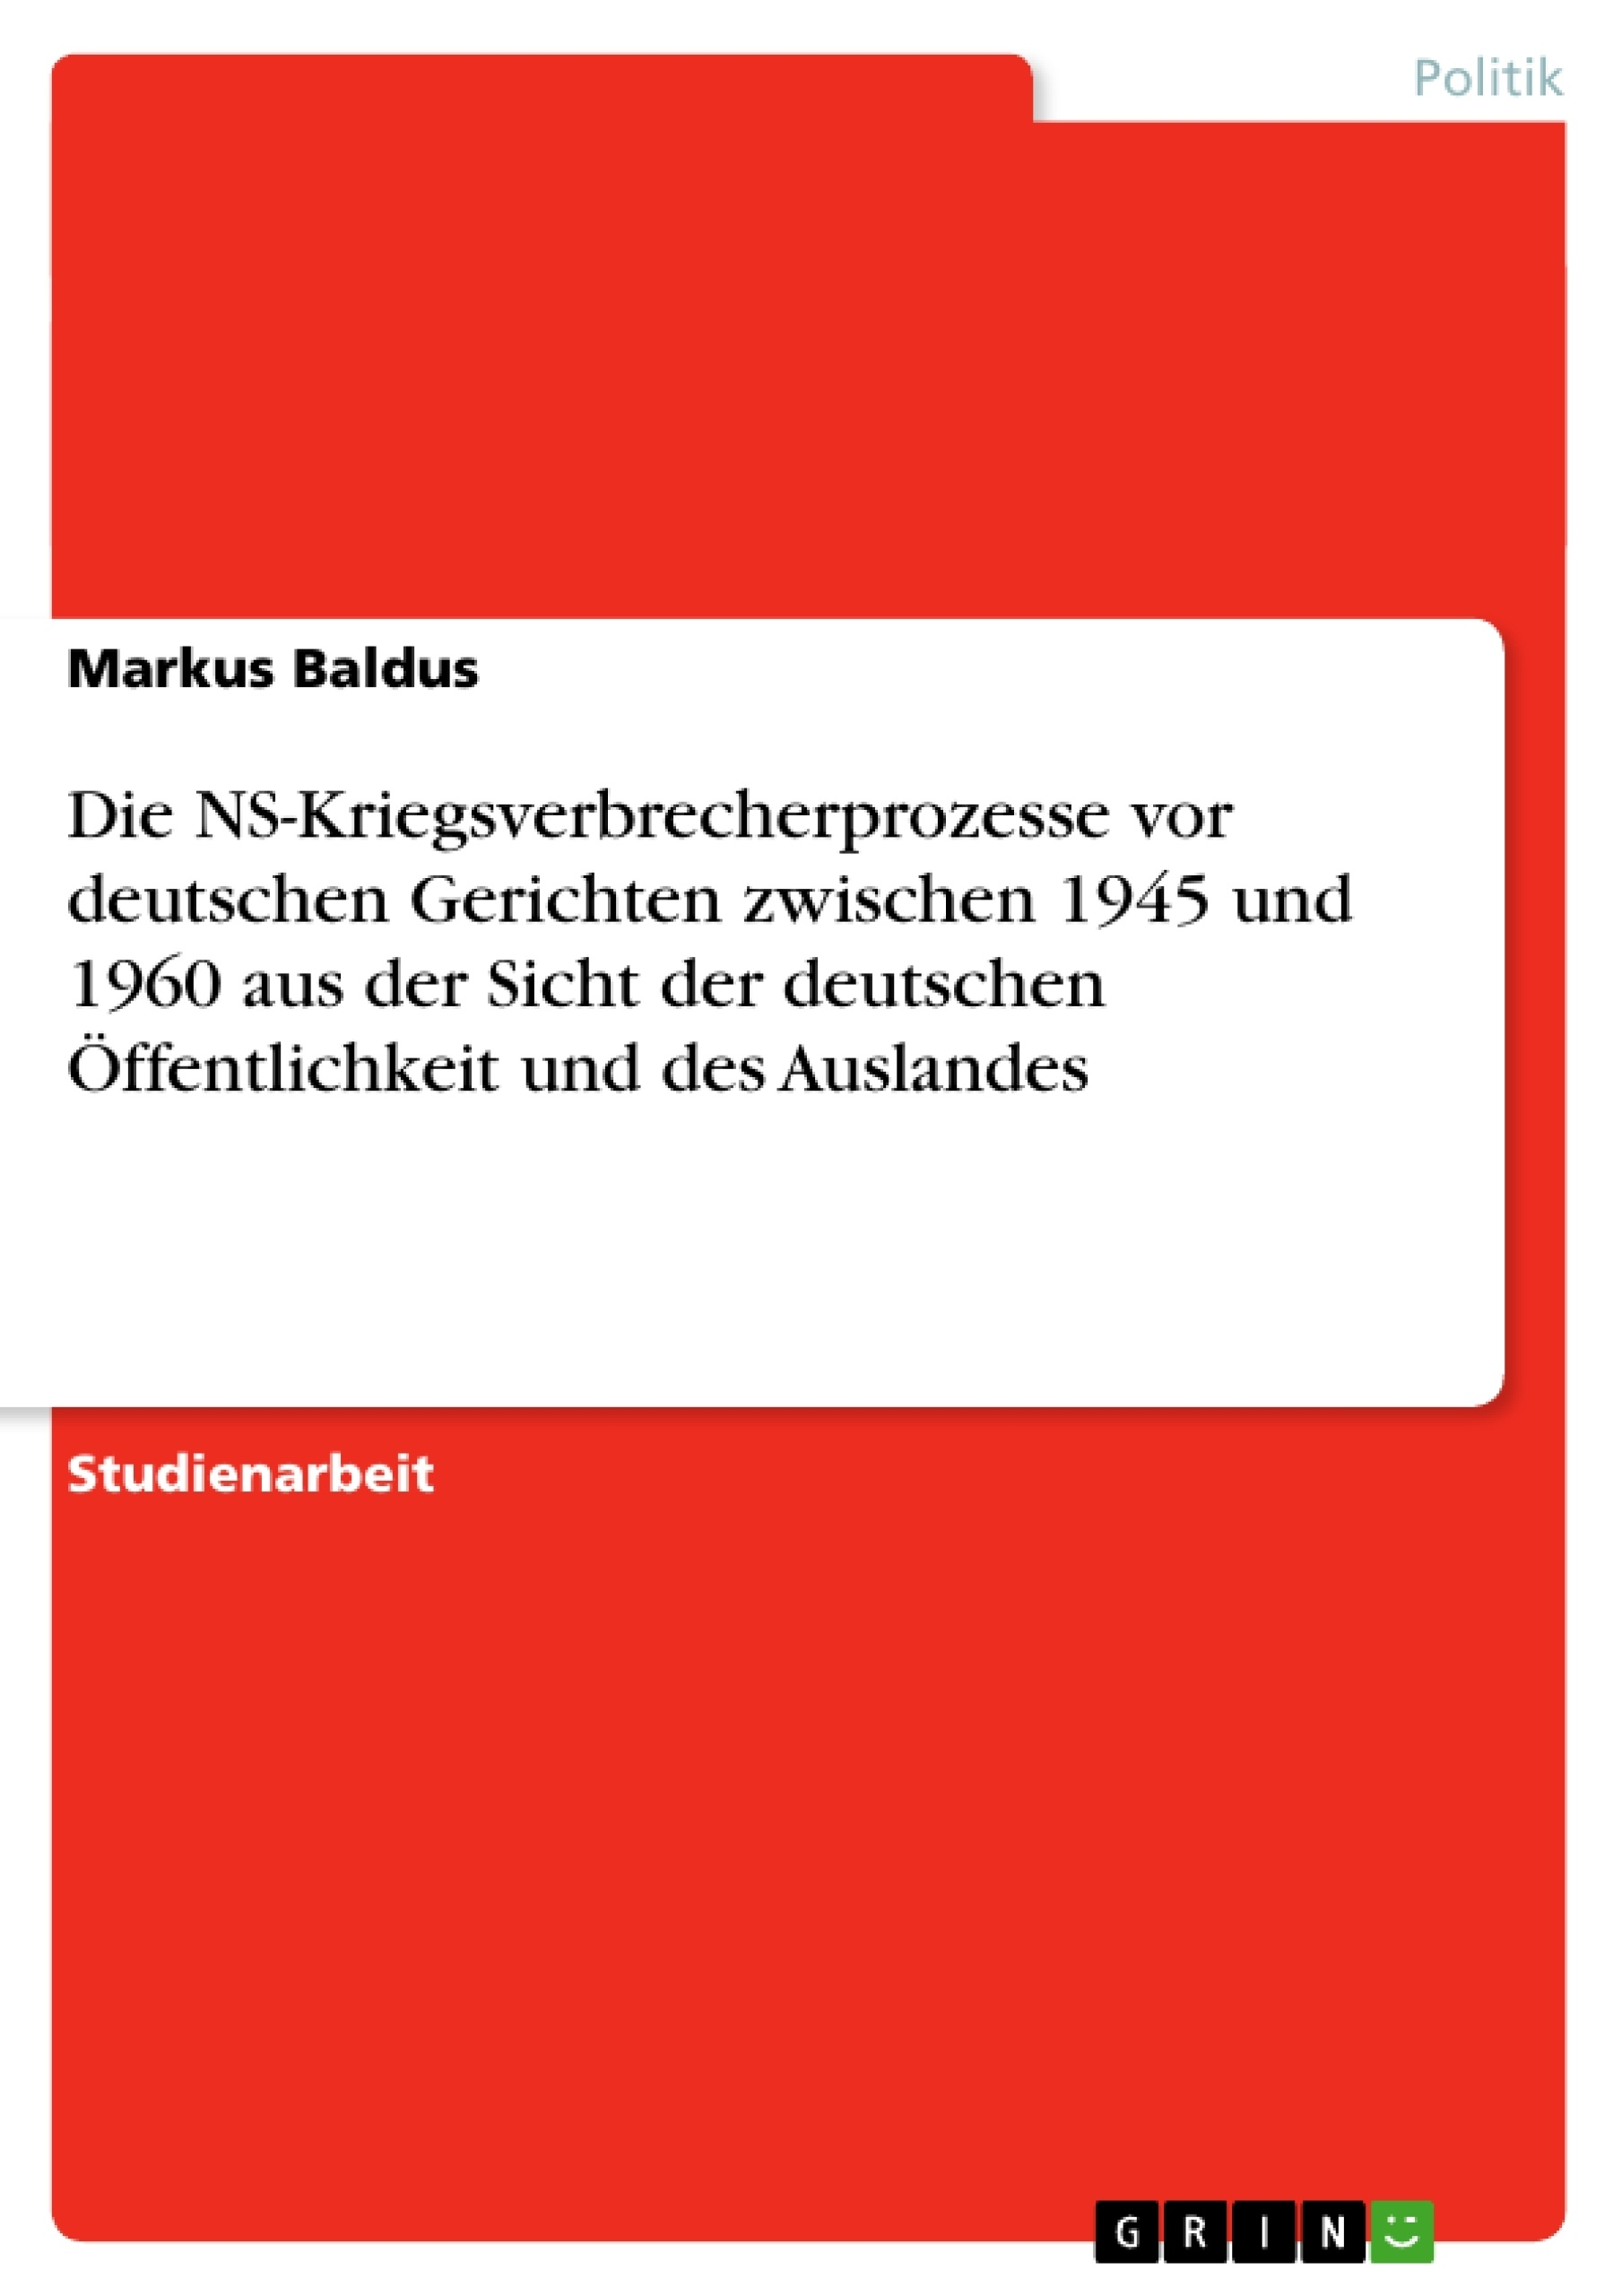 Titel: Die NS-Kriegsverbrecherprozesse vor deutschen Gerichten zwischen 1945 und 1960 aus der Sicht der deutschen Öffentlichkeit und des Auslandes